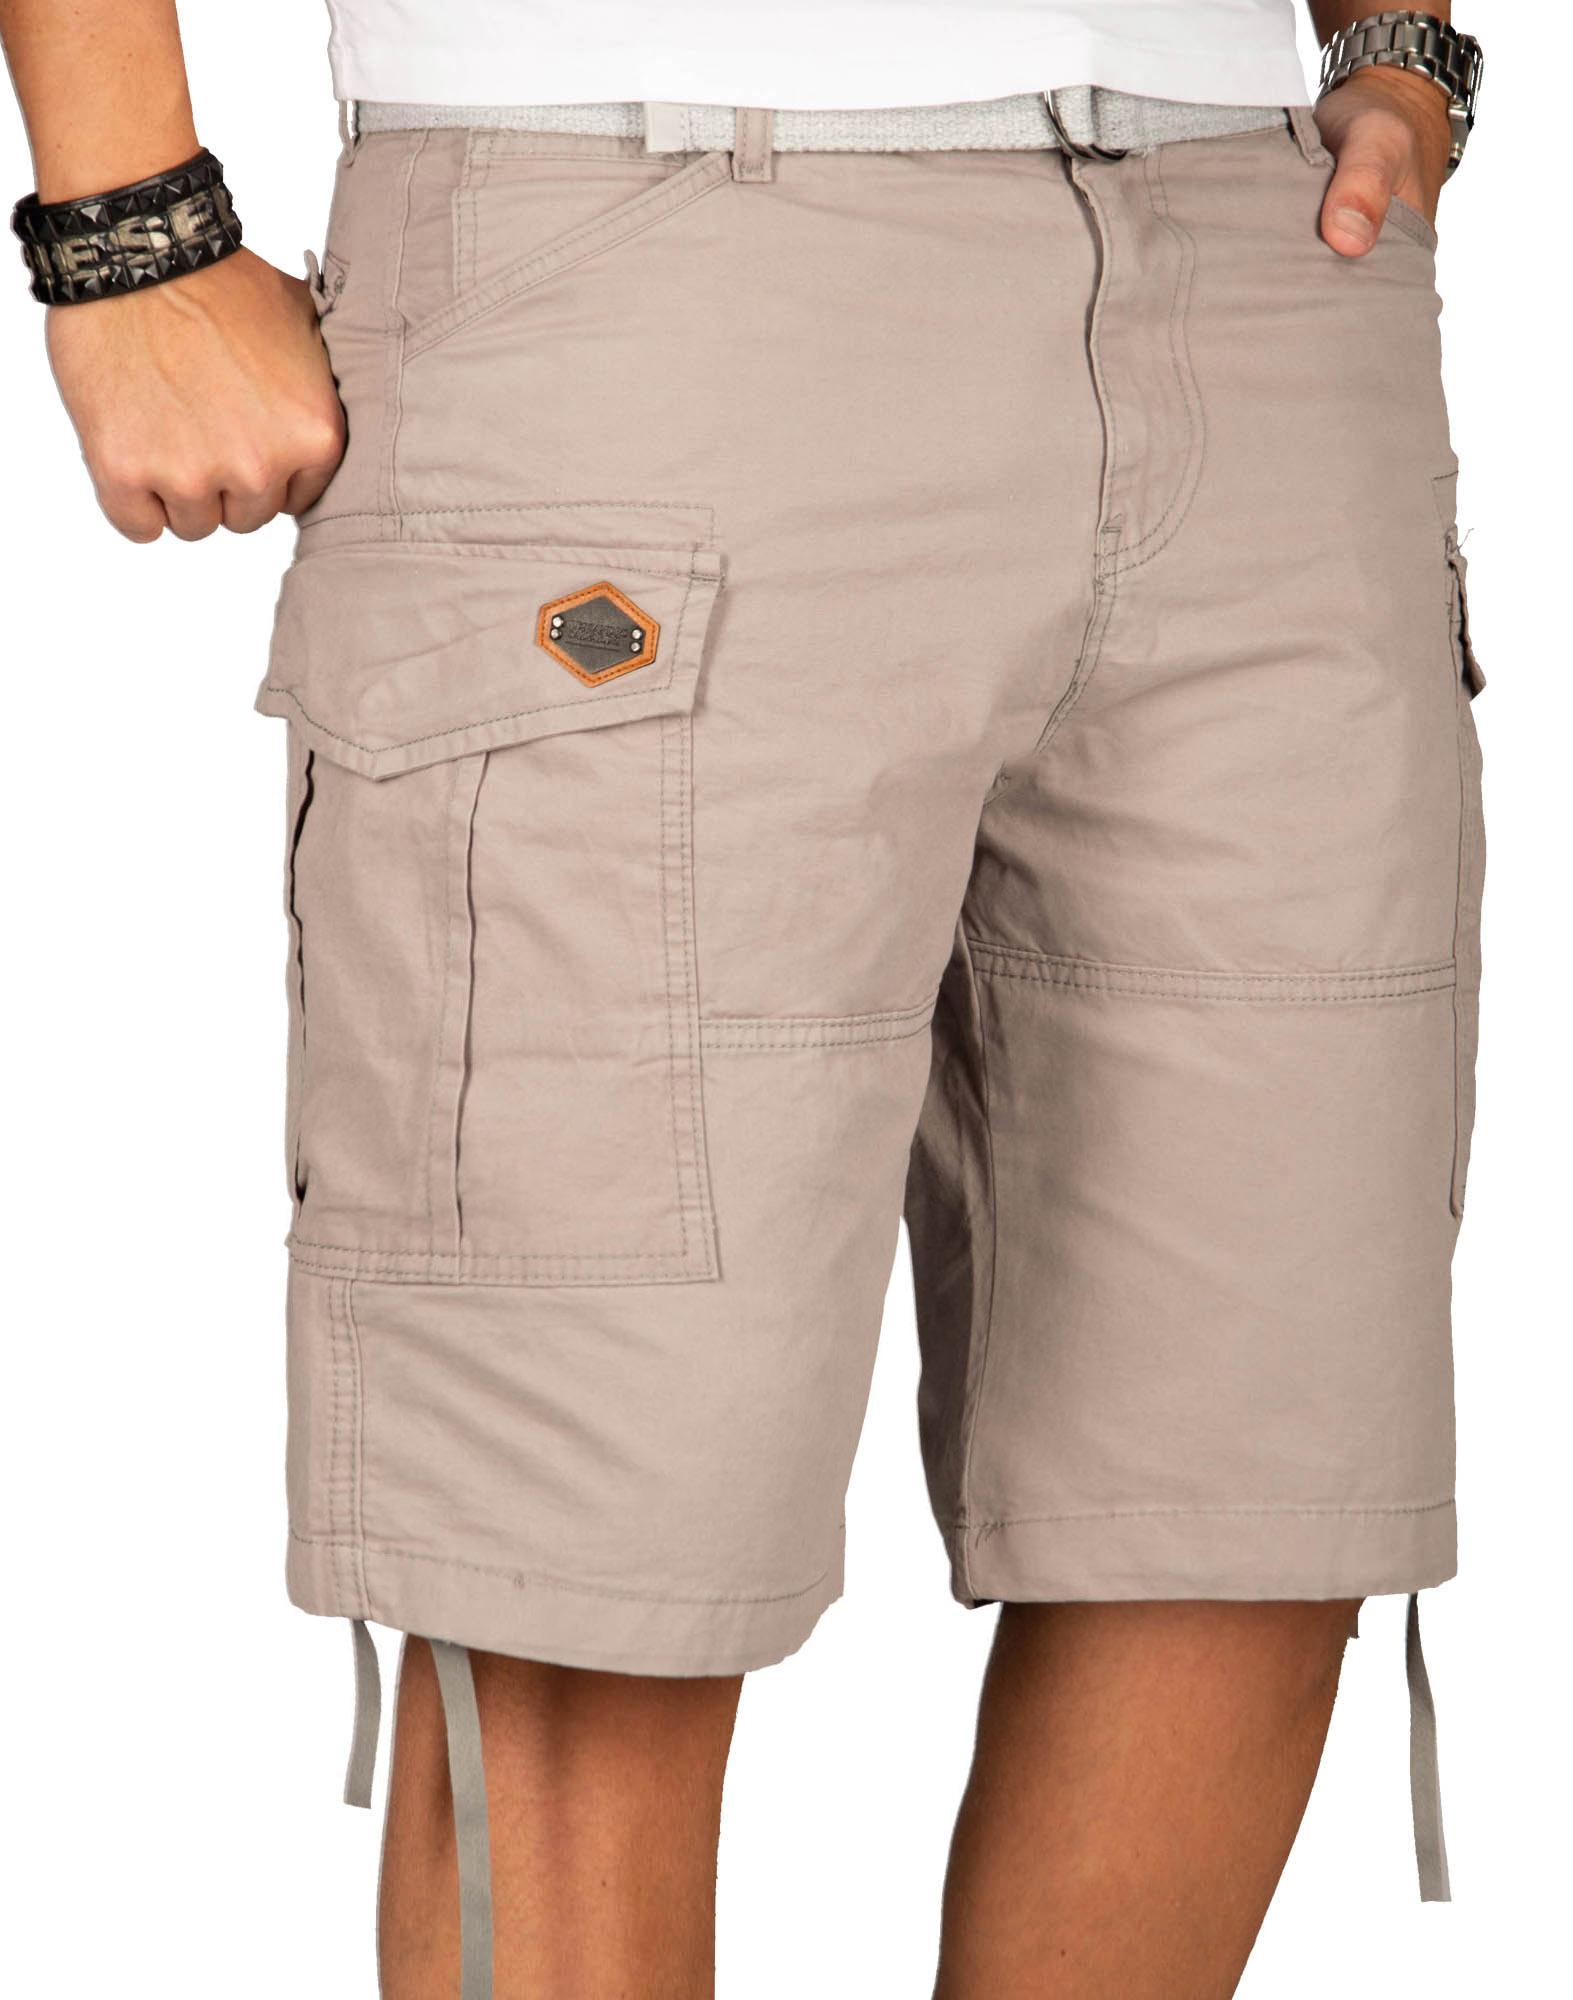 A-Salvarini-Herren-Comfort-Cargo-Shorts-Cargoshorts-kurze-Hose-Guertel-AS133-NEU Indexbild 15